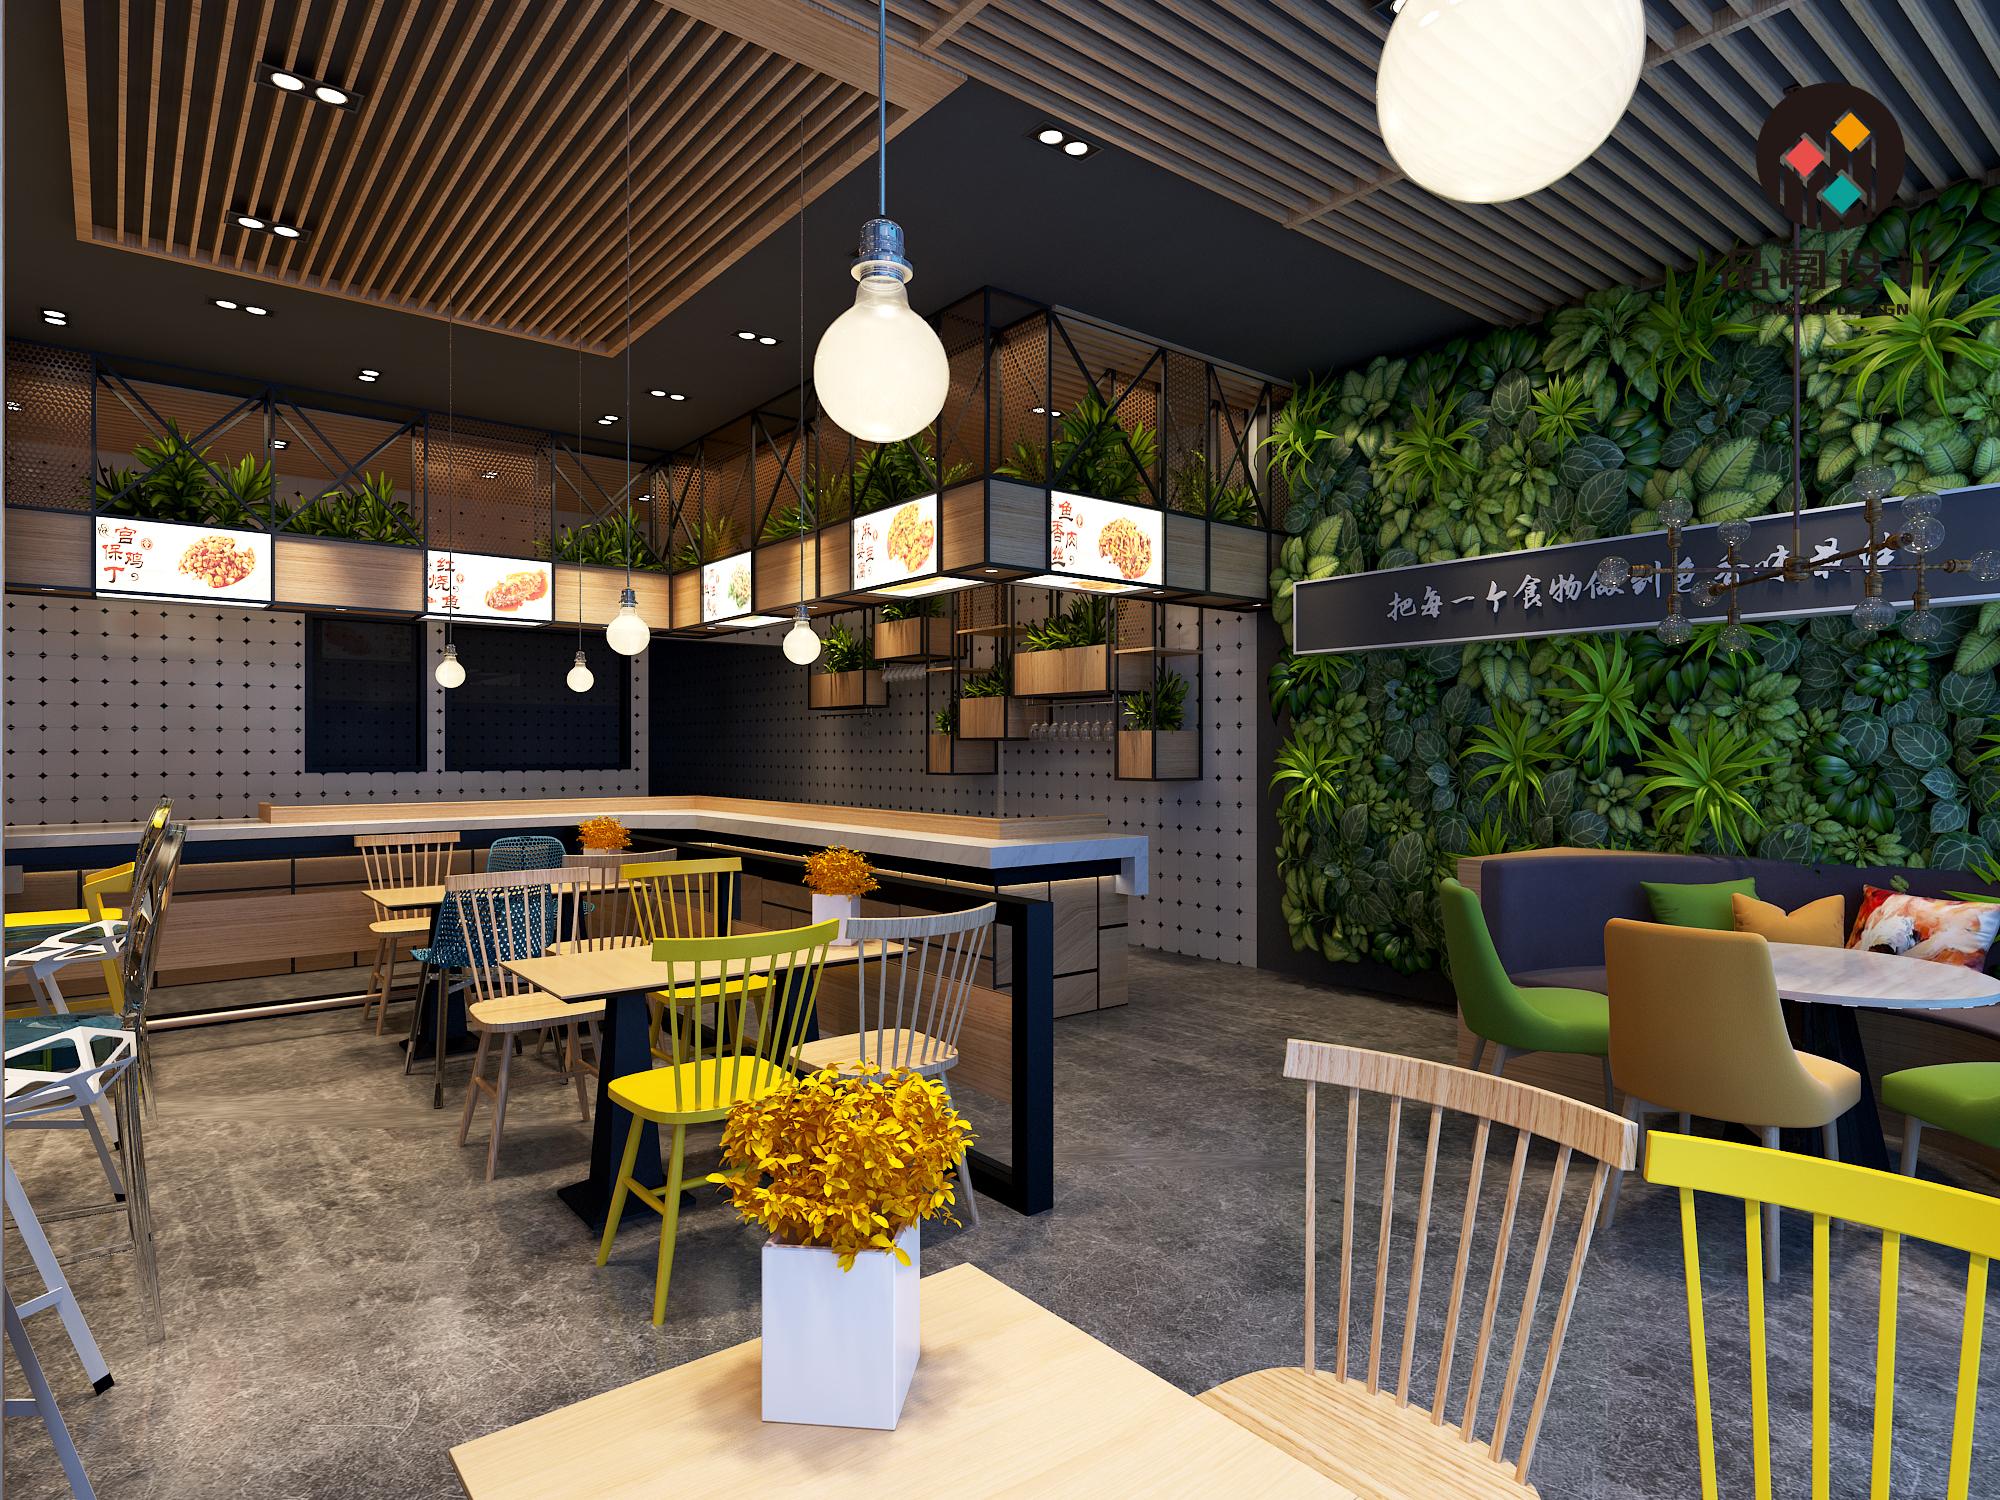 餐饮设计 室内设计 效果图设计小吃店铺效果图设计